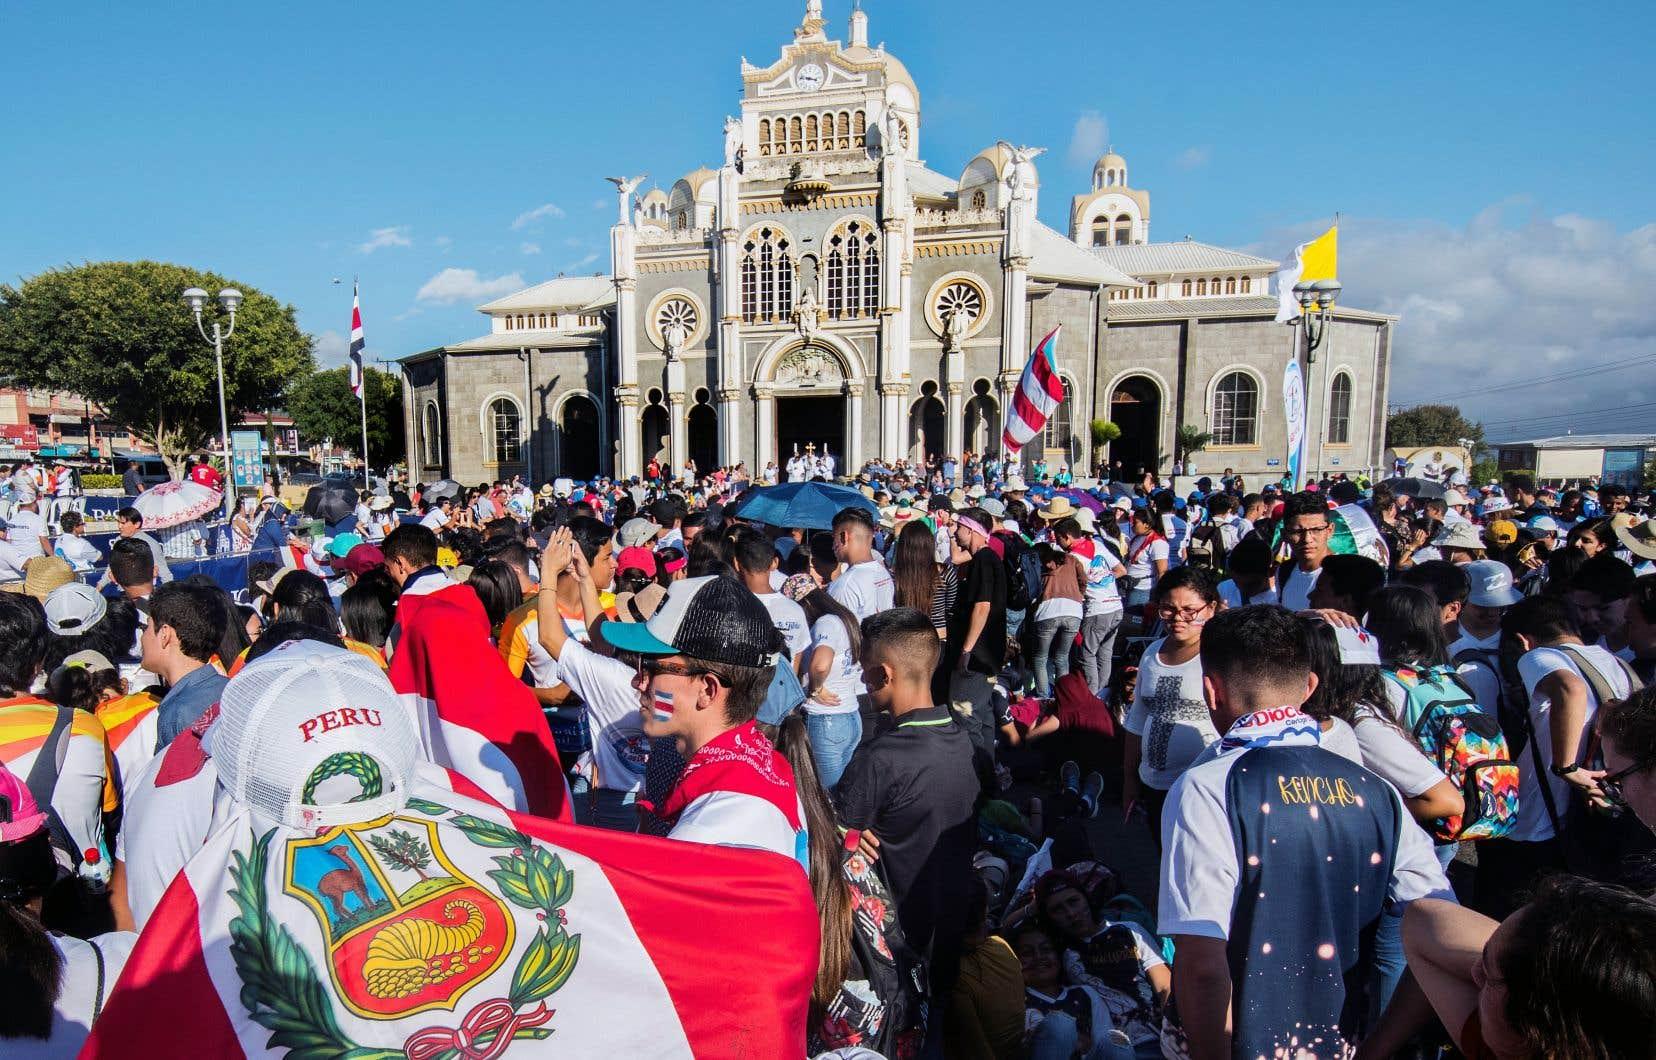 Des centaines de pèlerins catholiques étaient réunis samedi devant la basilique Los Angeles de Cartago, au Costa Rica, dans le cadre d'une cérémonie religieuse. Ils devaient ensuite partir pour le Panama afin de participer à une nouvelle édition des Journées mondiales de la jeunesse.